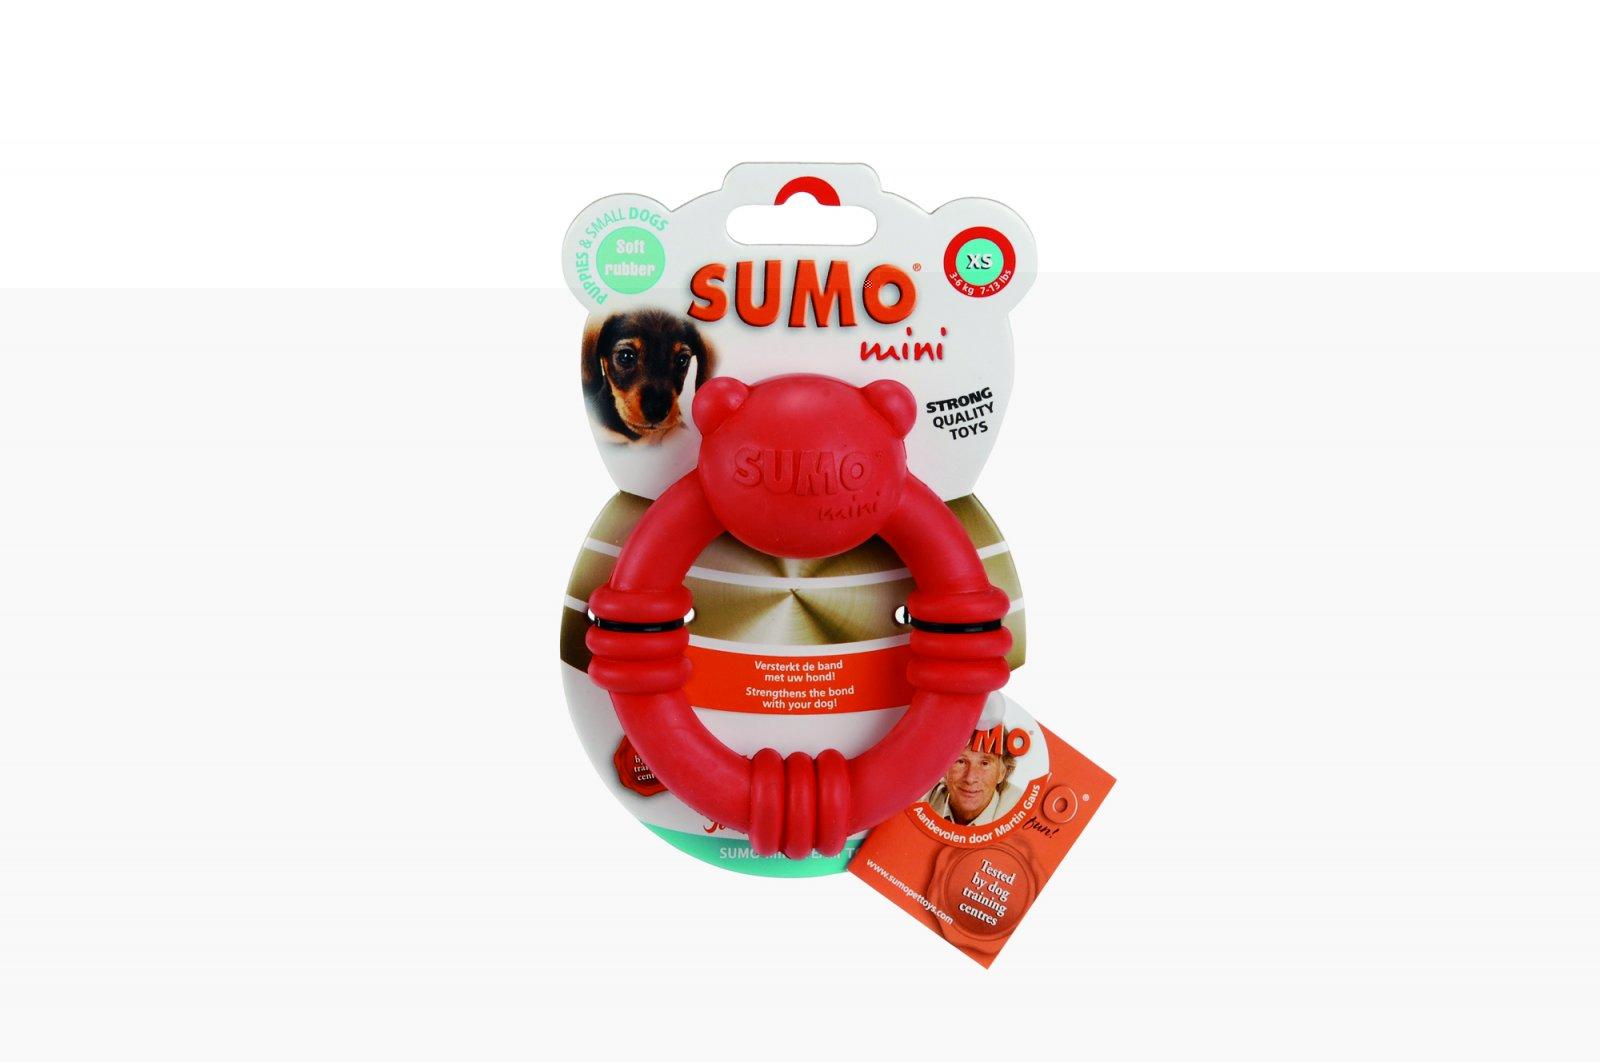 SUMO mini